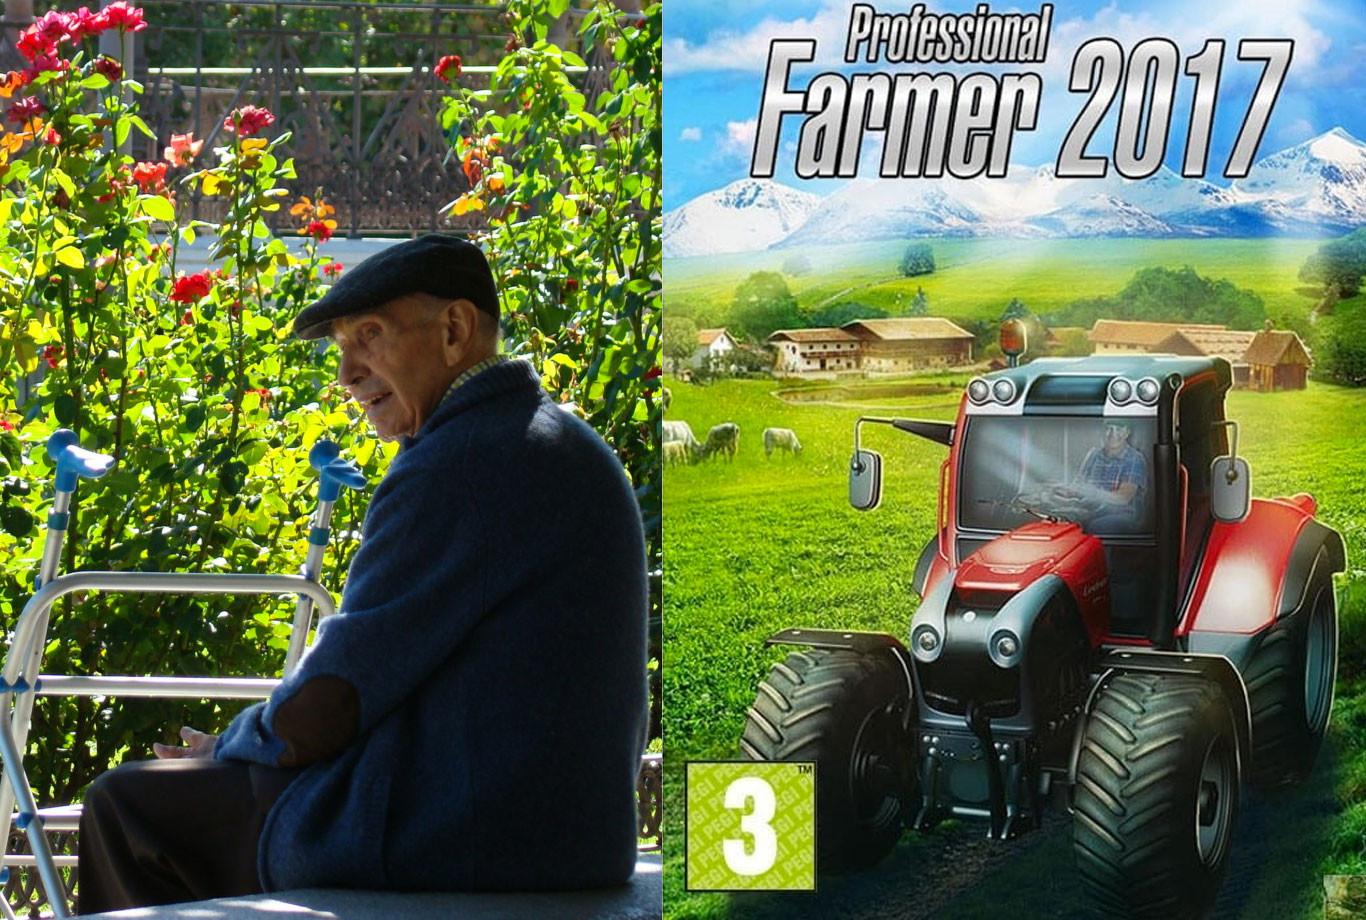 Cuando un granjero con 40 años de experiencia juega al 'Professional Farmer'